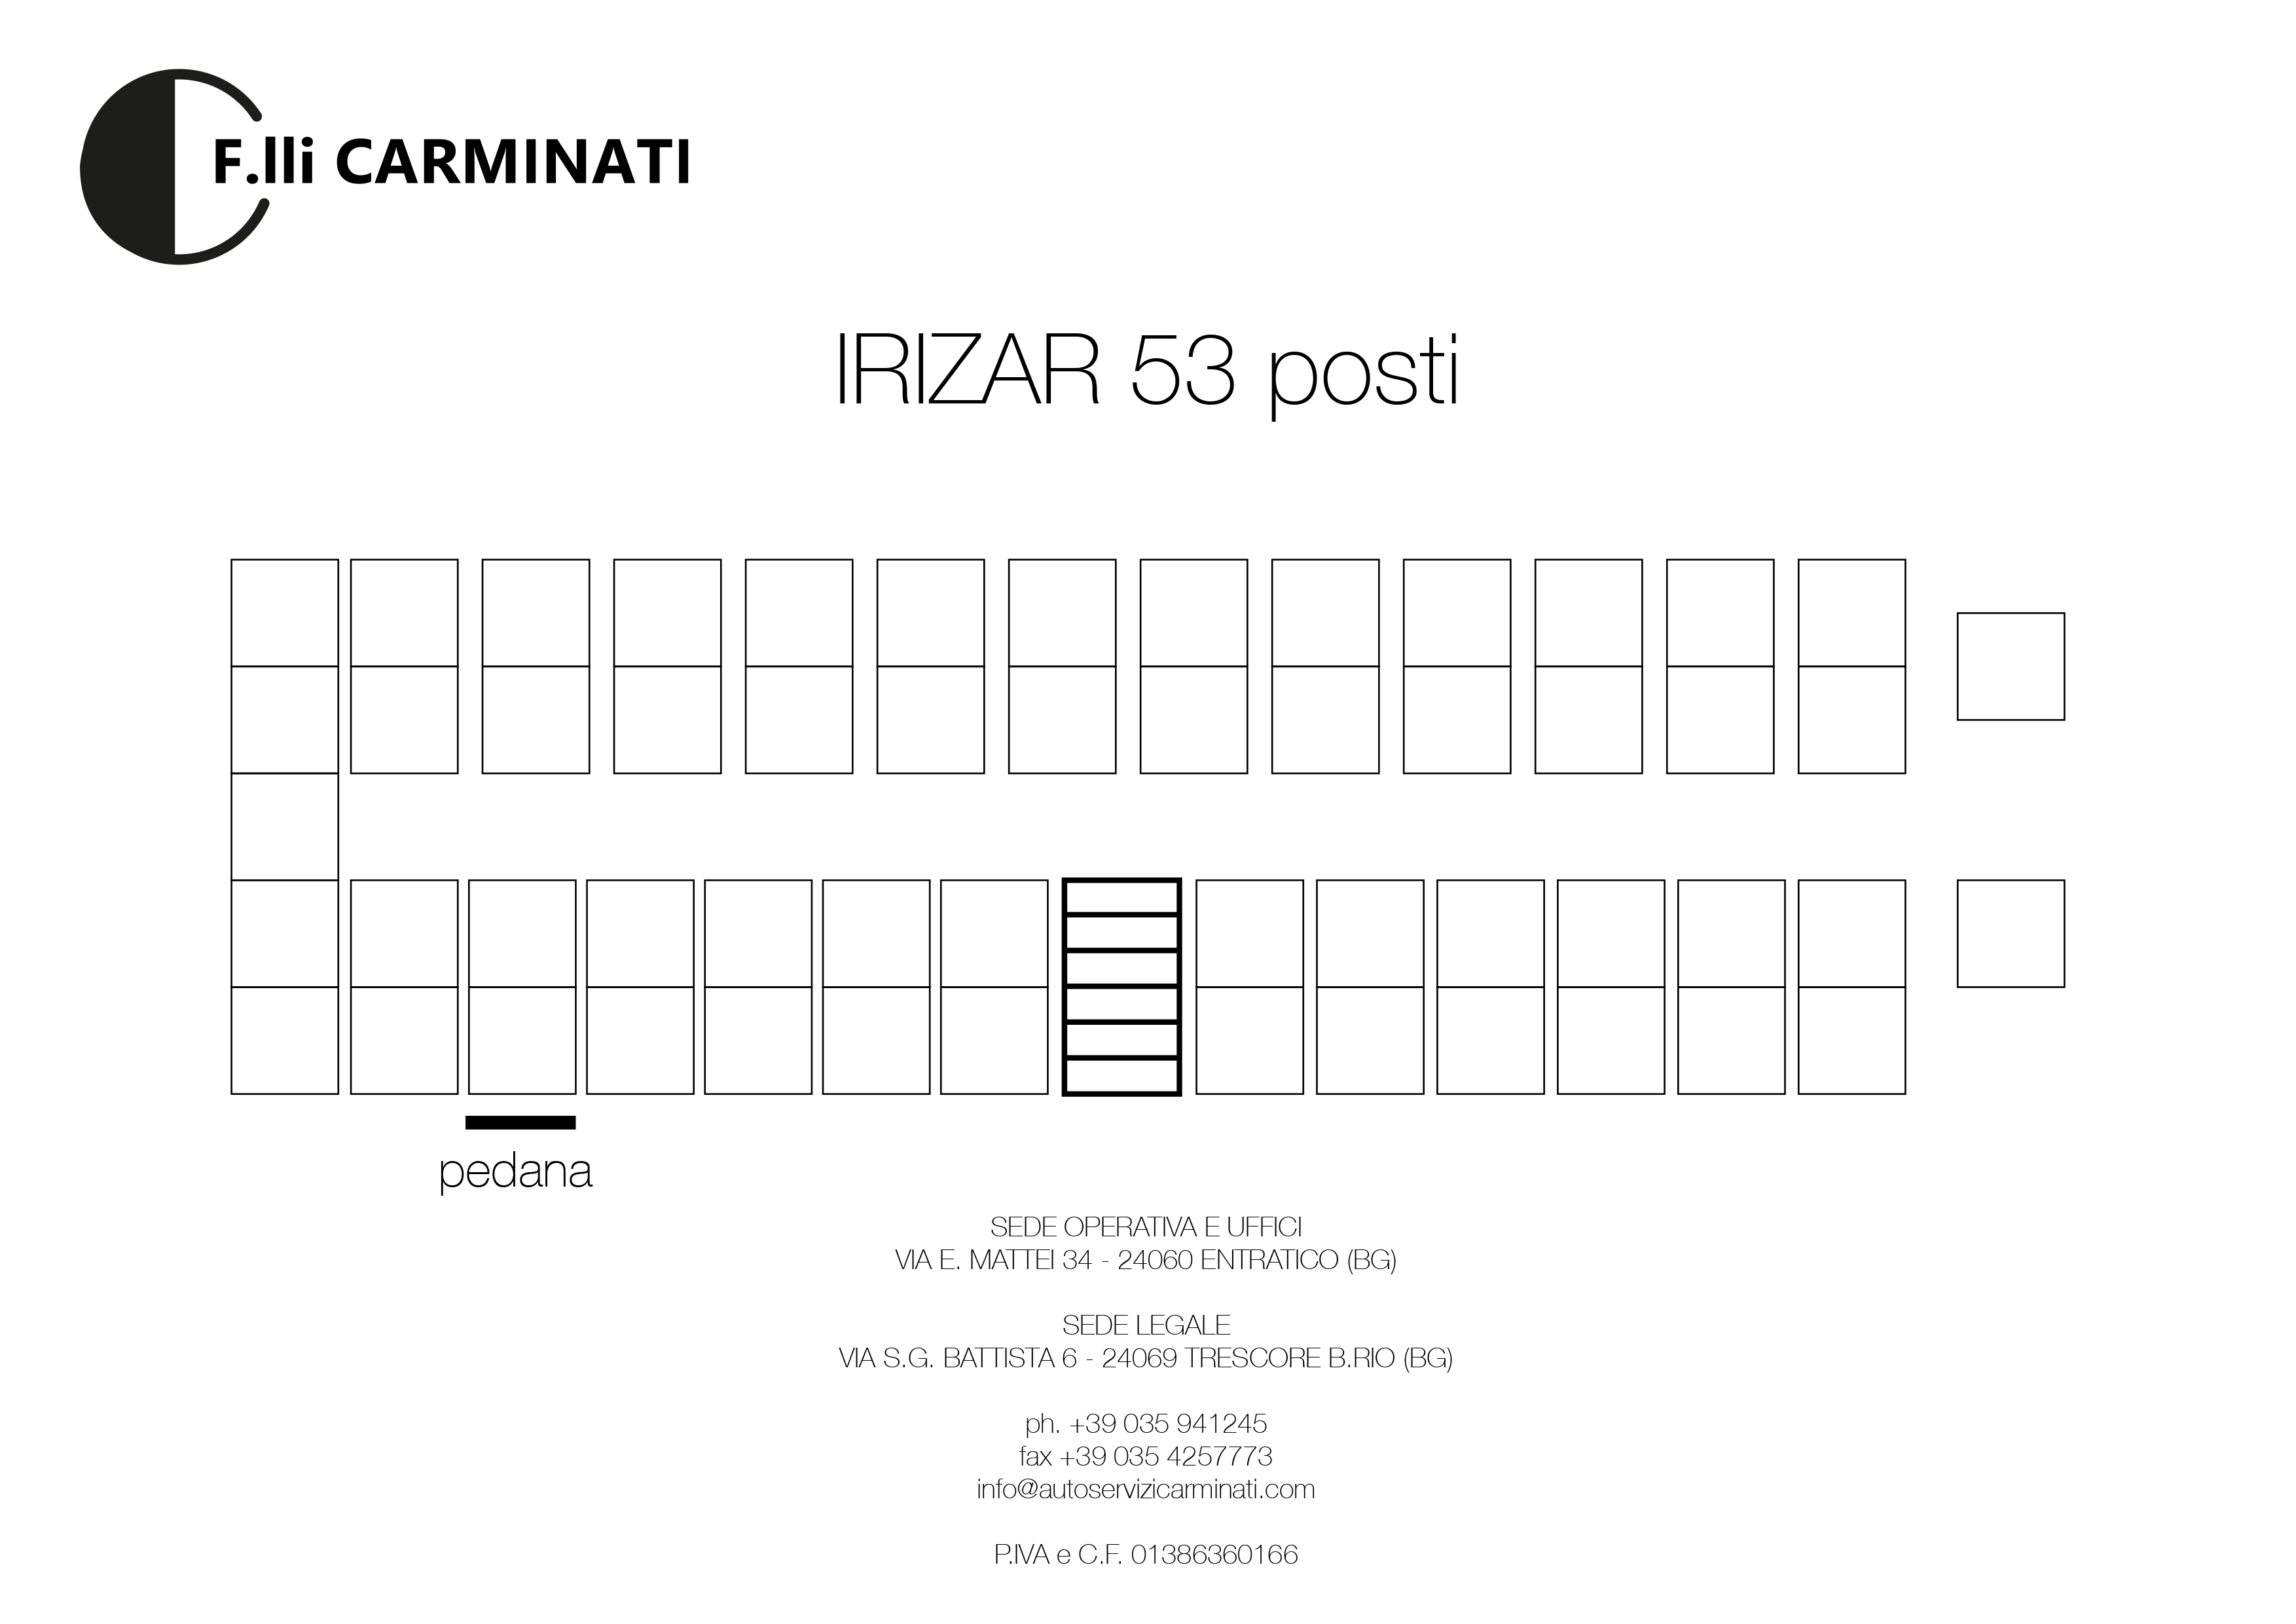 IRIZAR 53